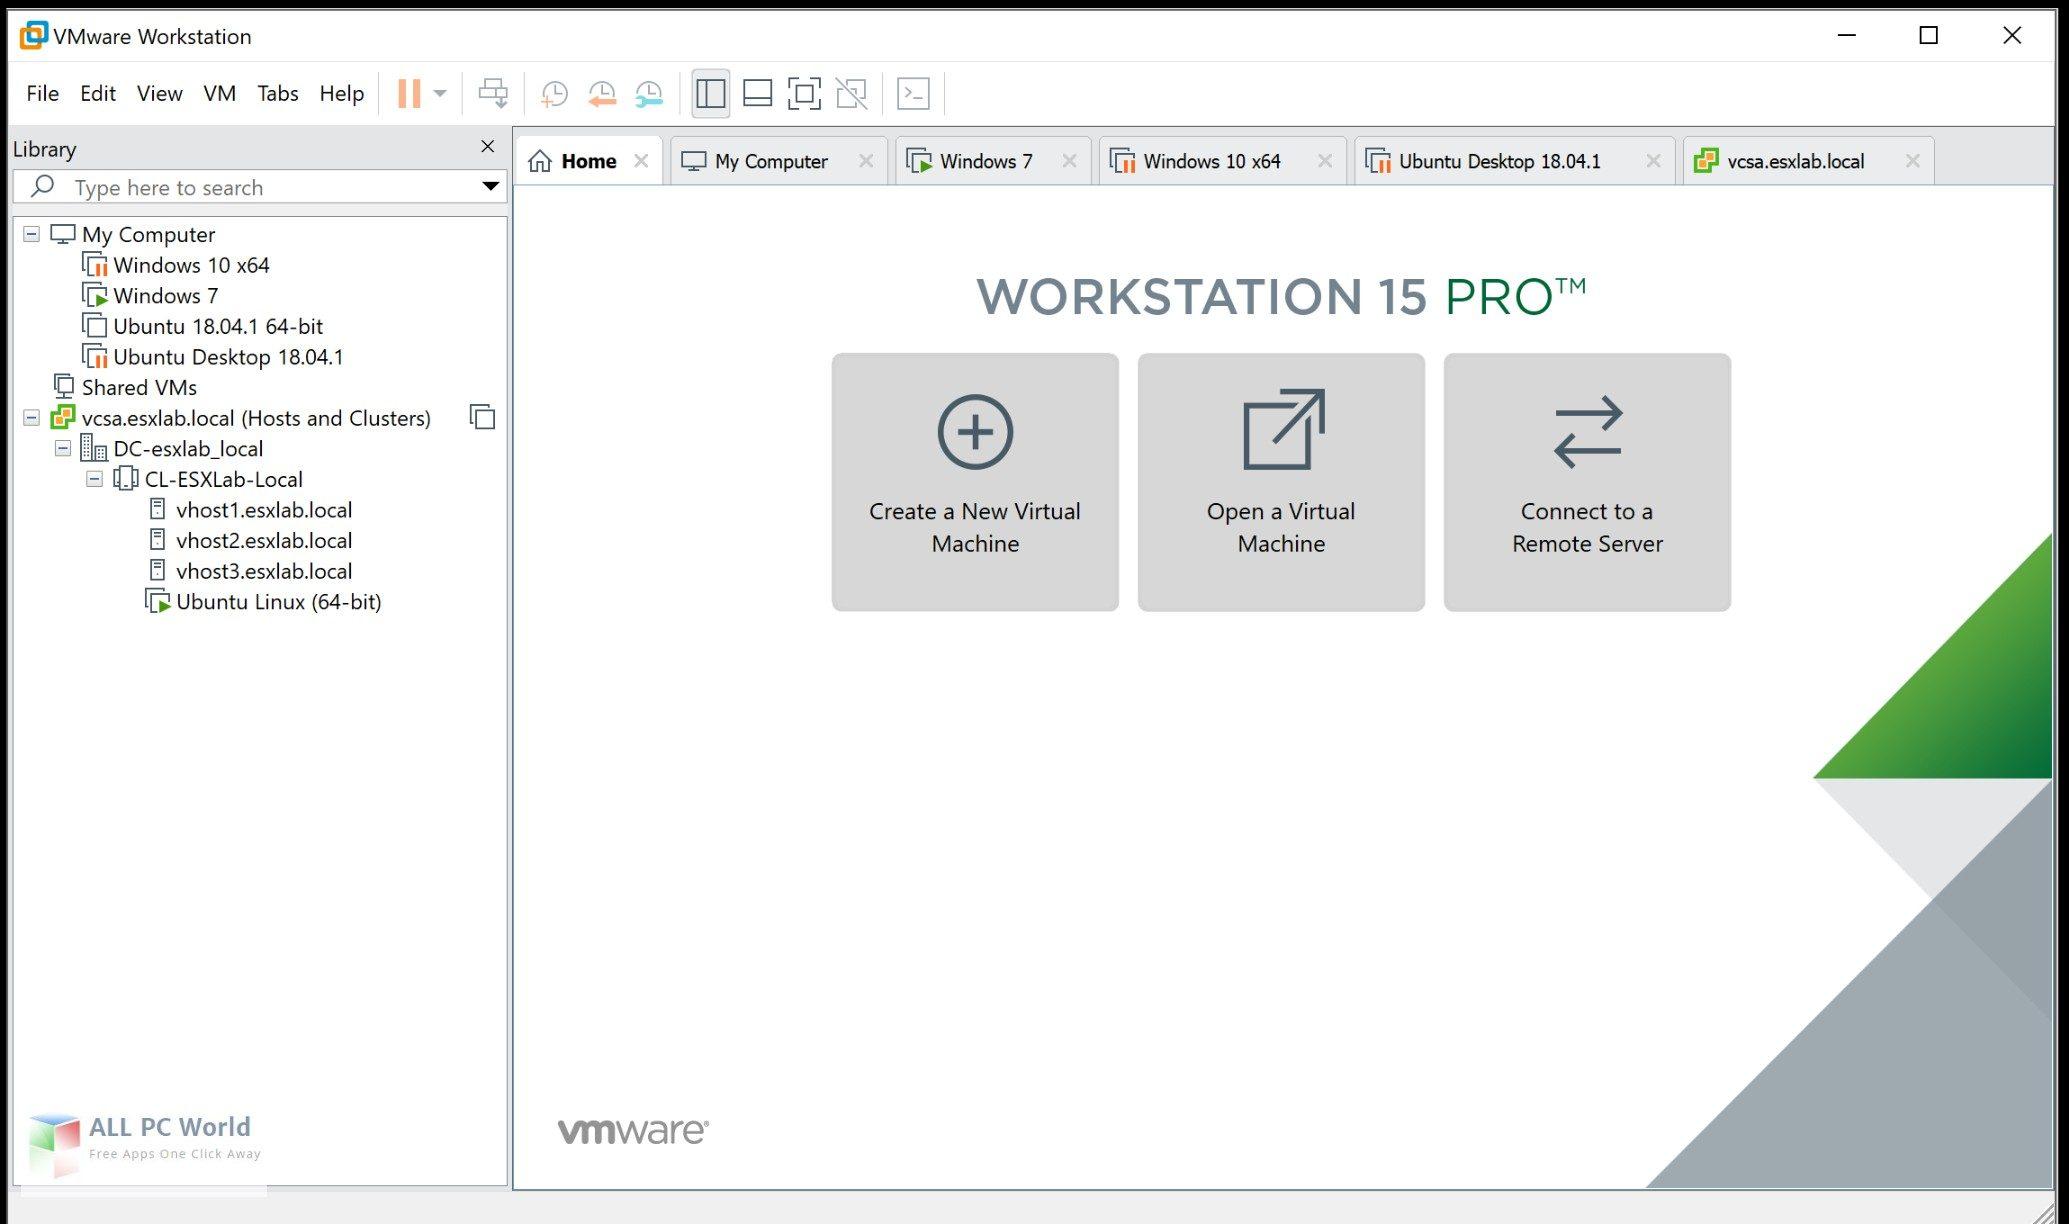 vmware-workstation-pro-15-free-download-9045916